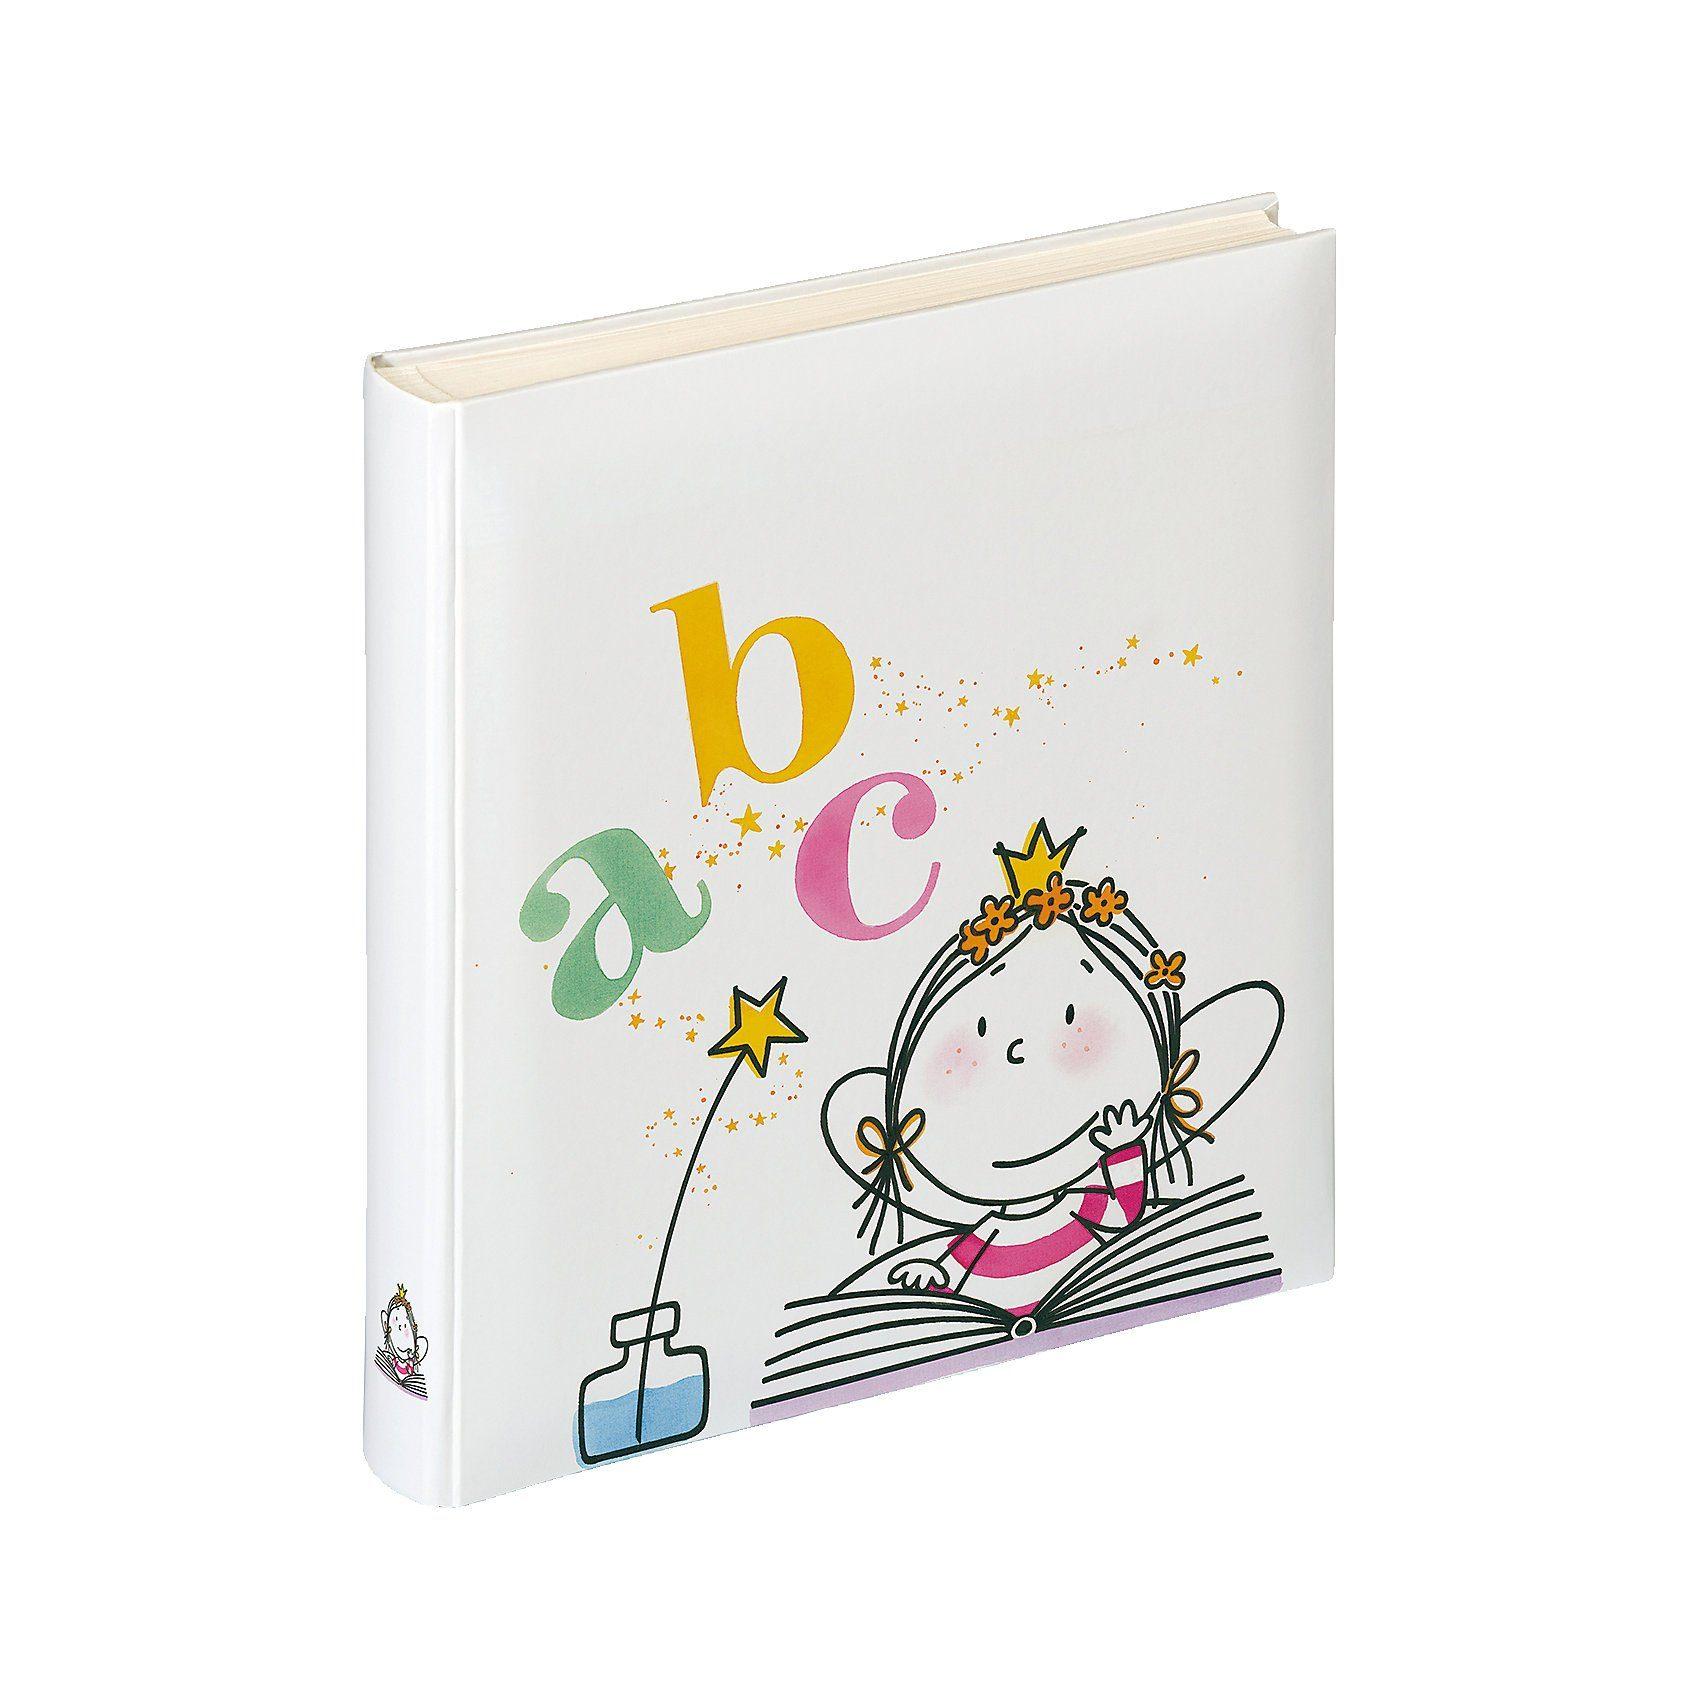 walther Kinderalbum Fee abc, 50 Seiten